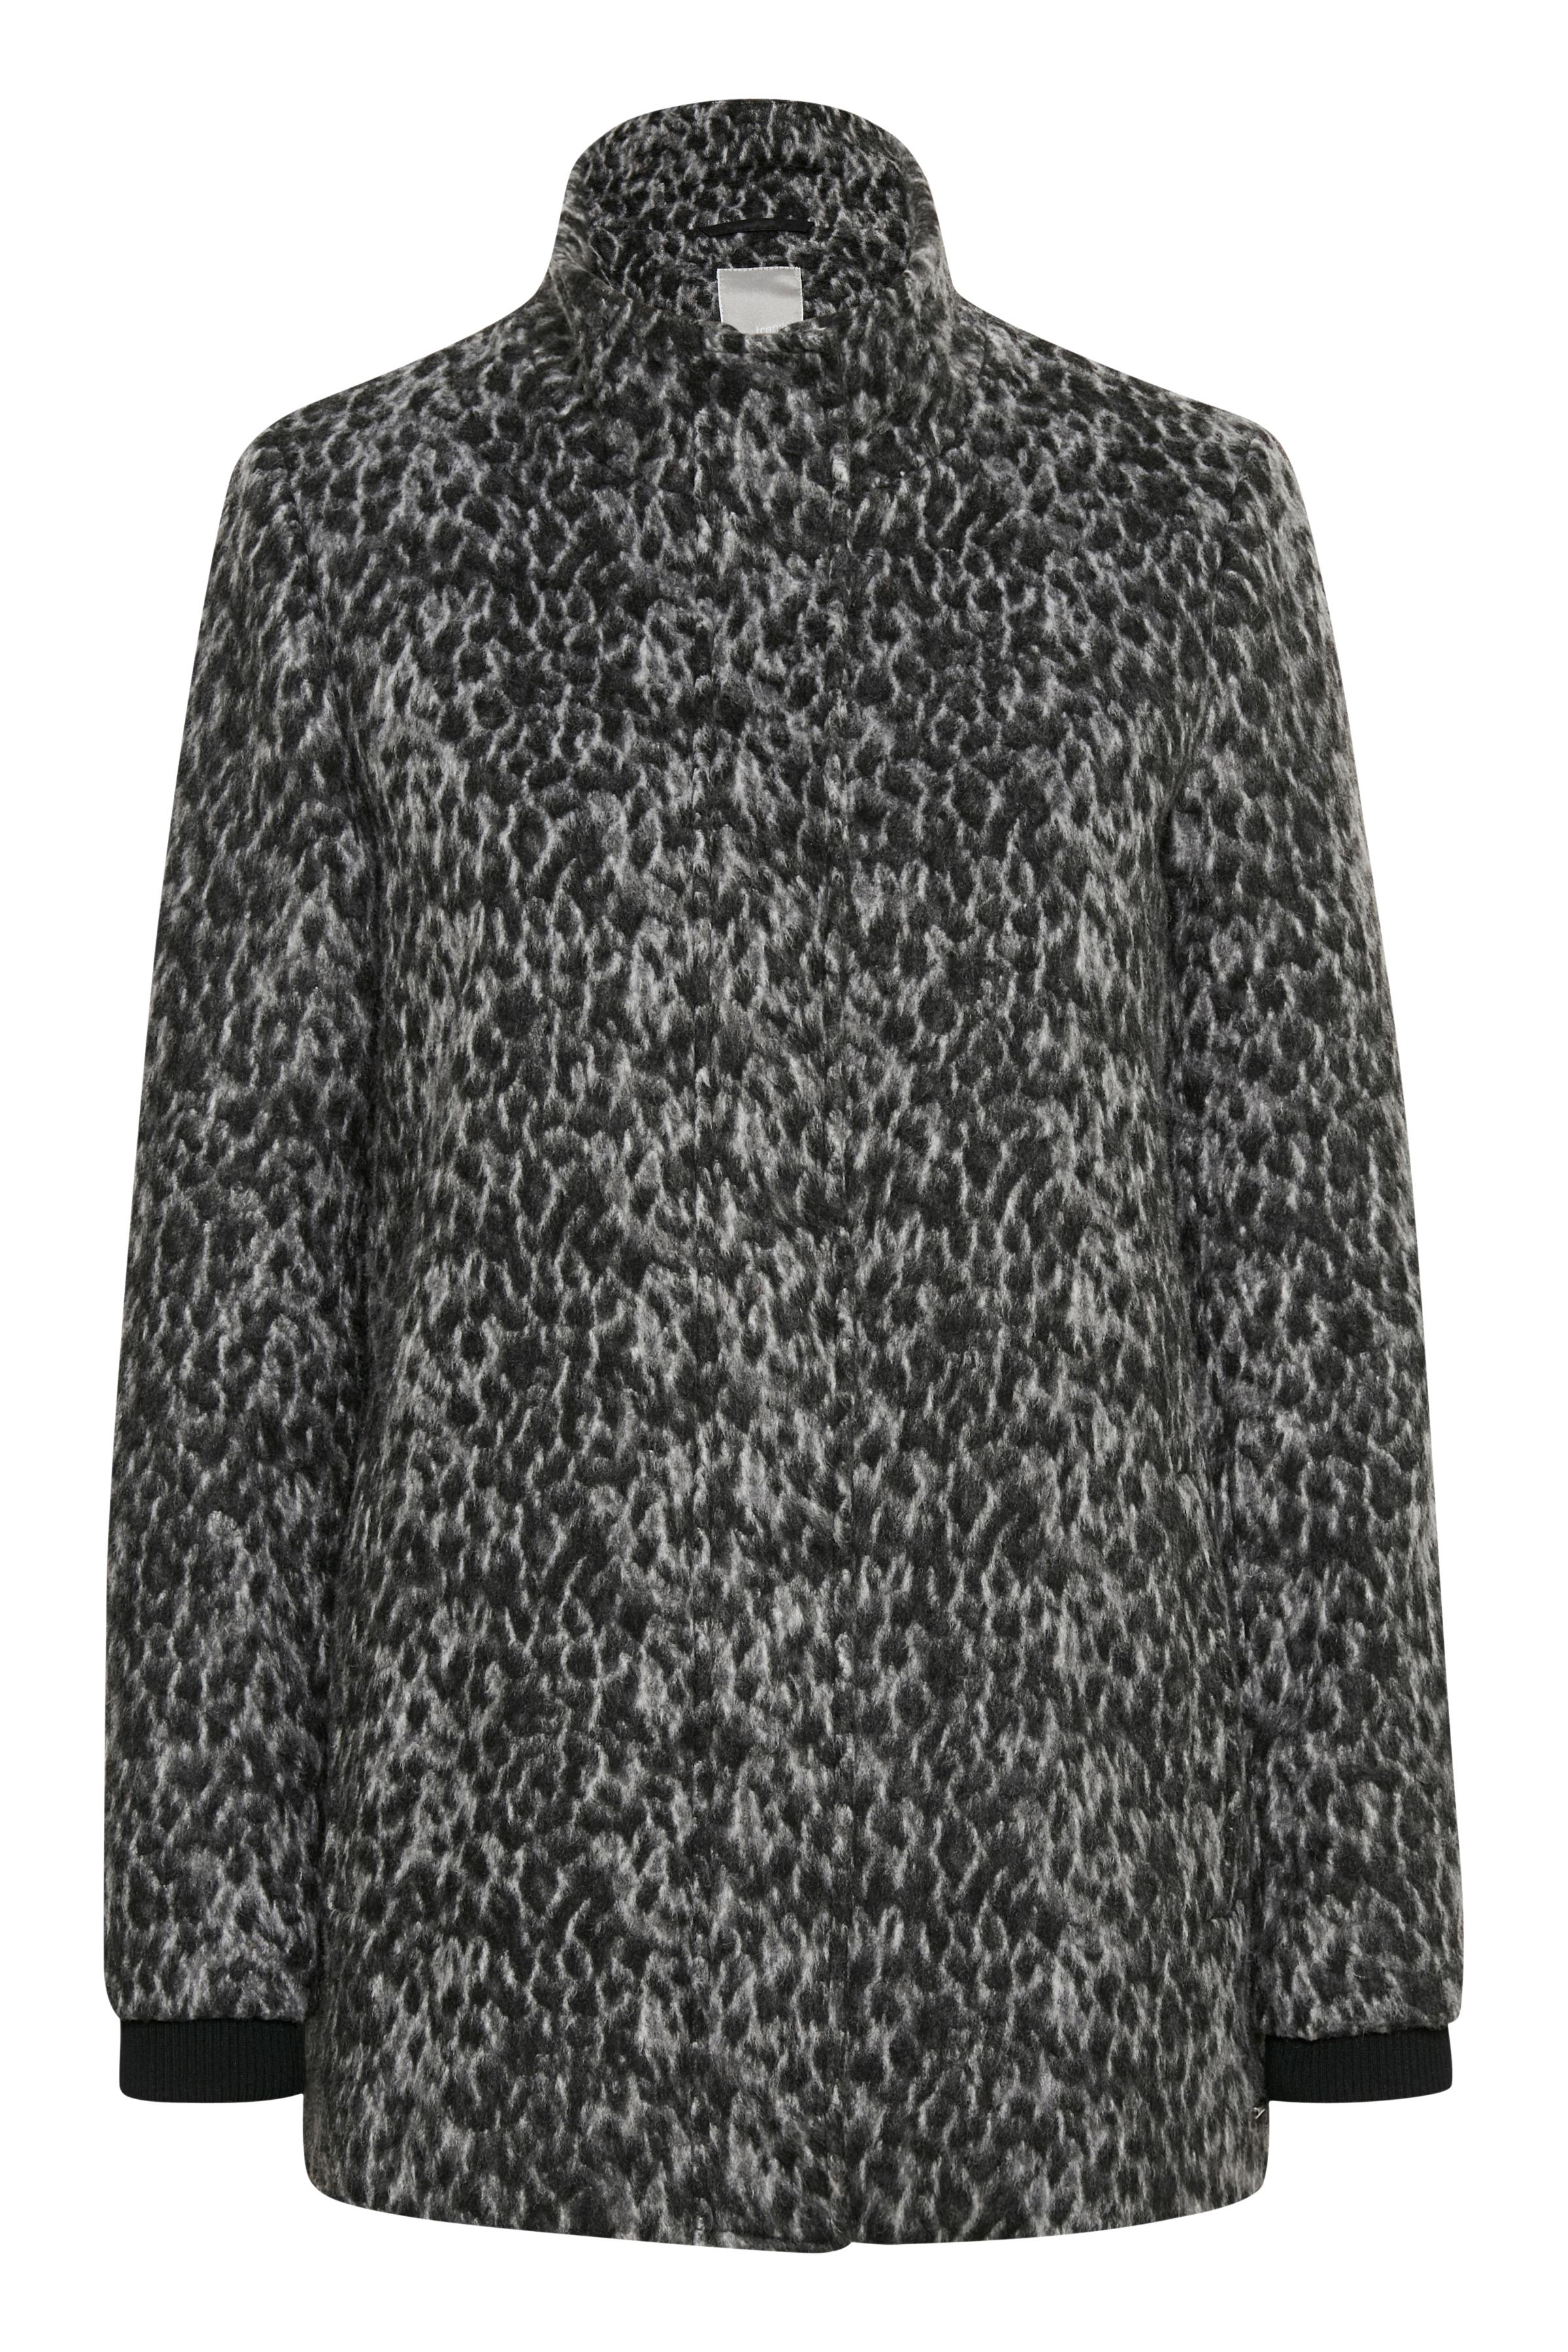 Sort/grå Frakke fra Fransa – Køb Sort/grå Frakke fra str. XS-XXL her